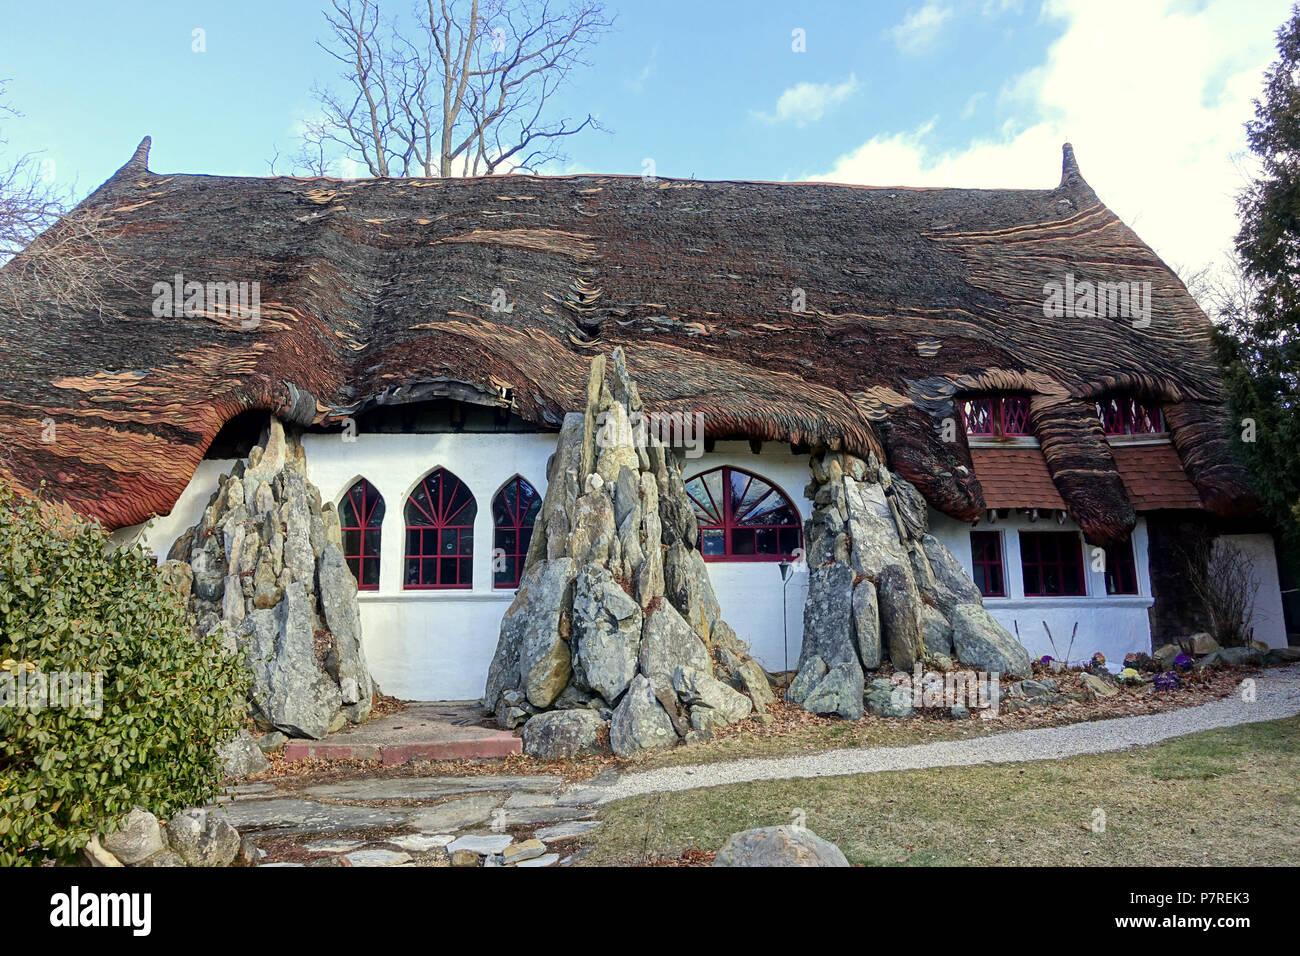 Englisch: Santarella - Tyringham, Massachusetts. Von Bildhauer Henry Hudson Kitson (1863-1947) in seinem Haus und Studio erstellt. 15 Januar 2017, 11:59:12 340 Santarella - Tyringham, MA-DSC07306 Stockfoto